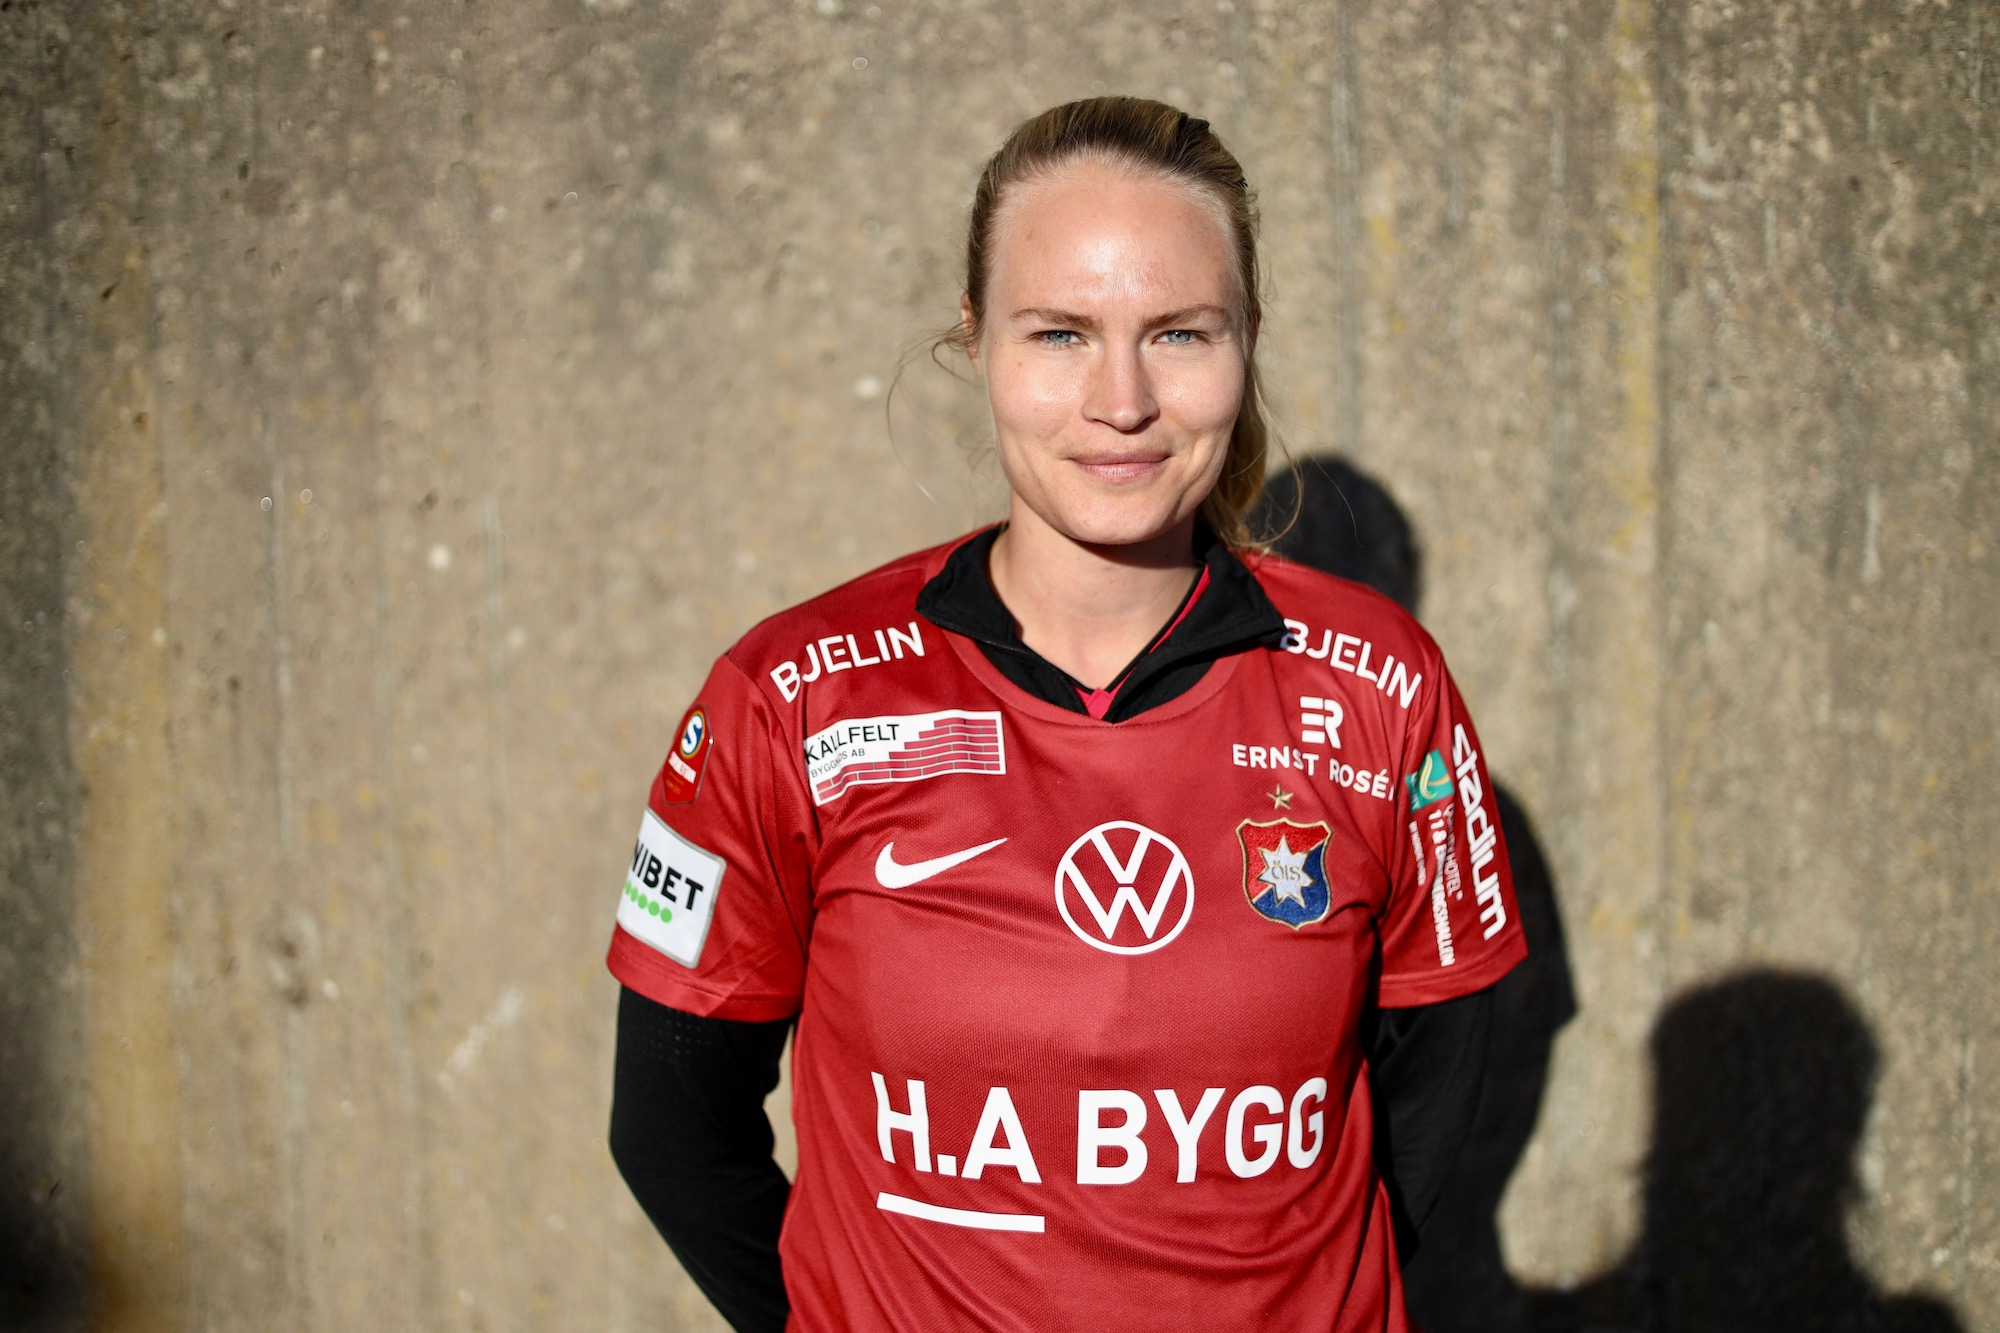 Julia Strahl